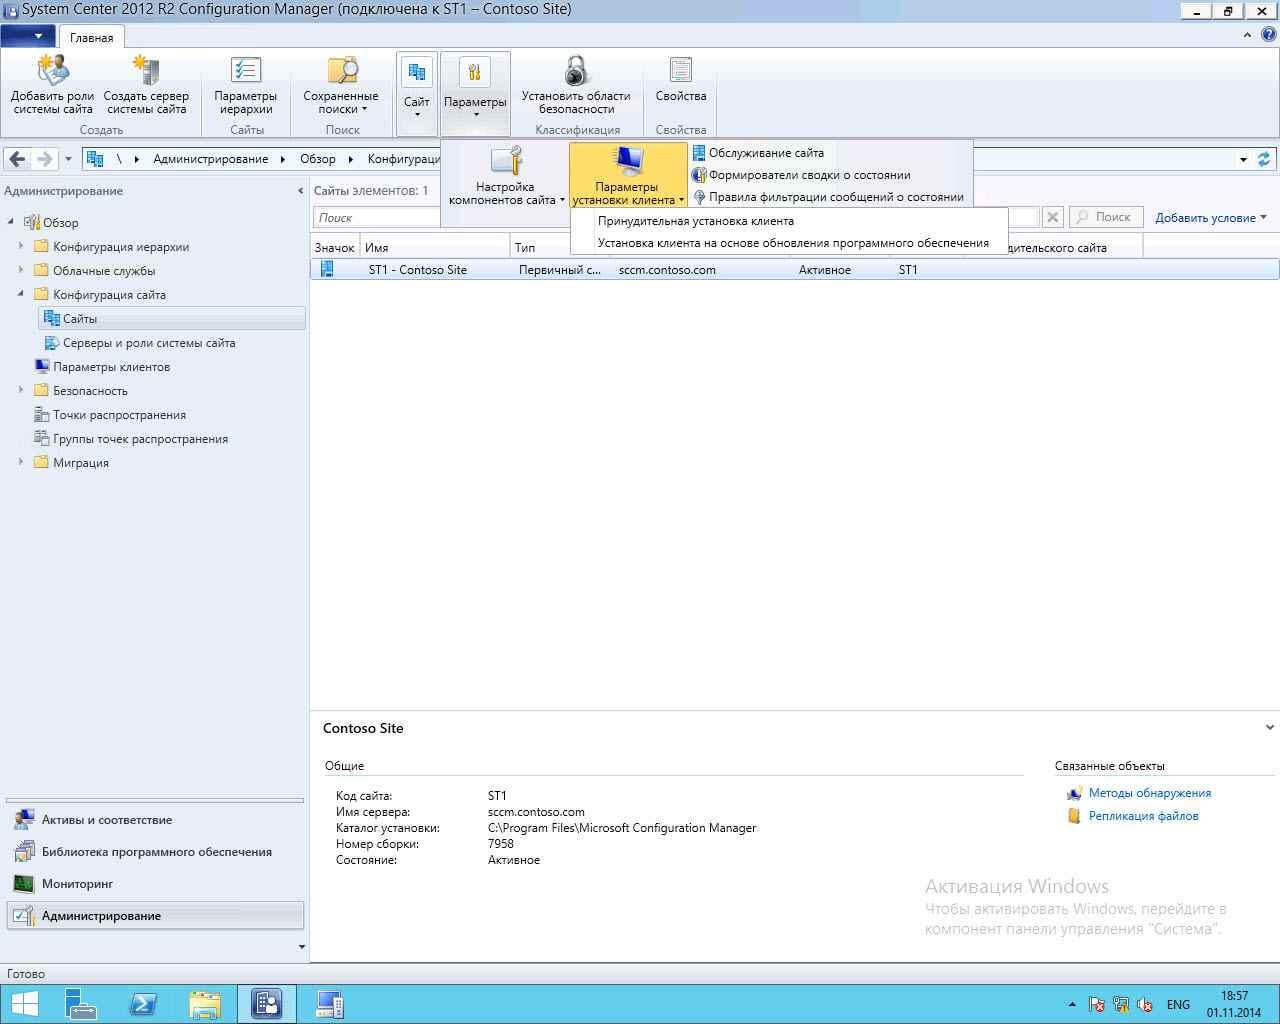 Как установить SCCM (System Center Configuration Manager) 2012R2 в windows server 2012R2 -6 часть. Как принудительно установить клиента-01